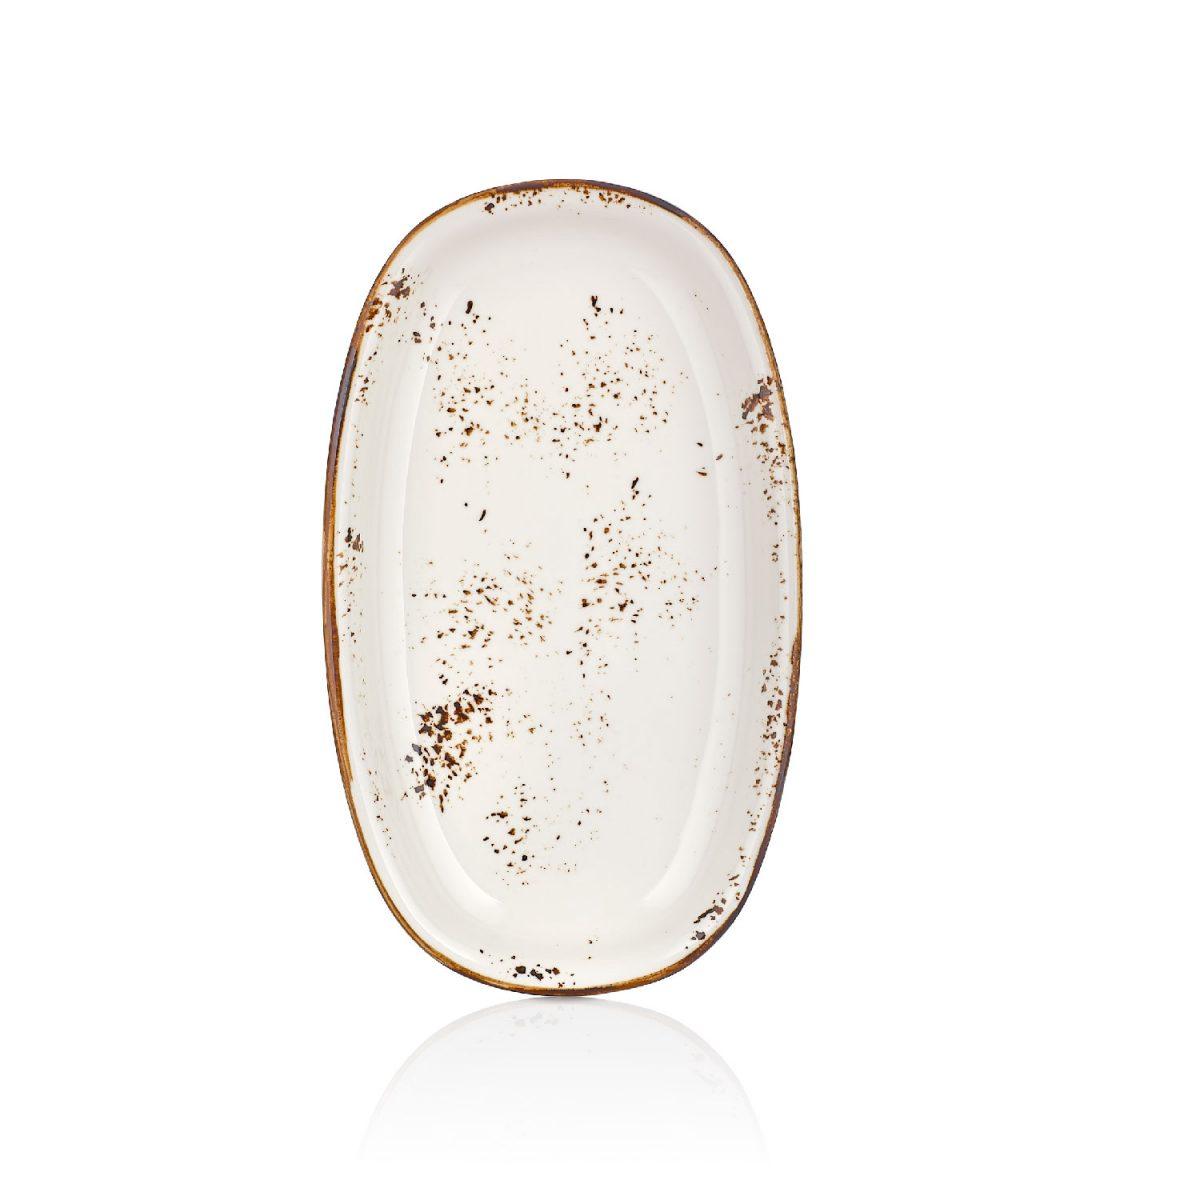 Elegance Zest 24 cm Oval Tabak